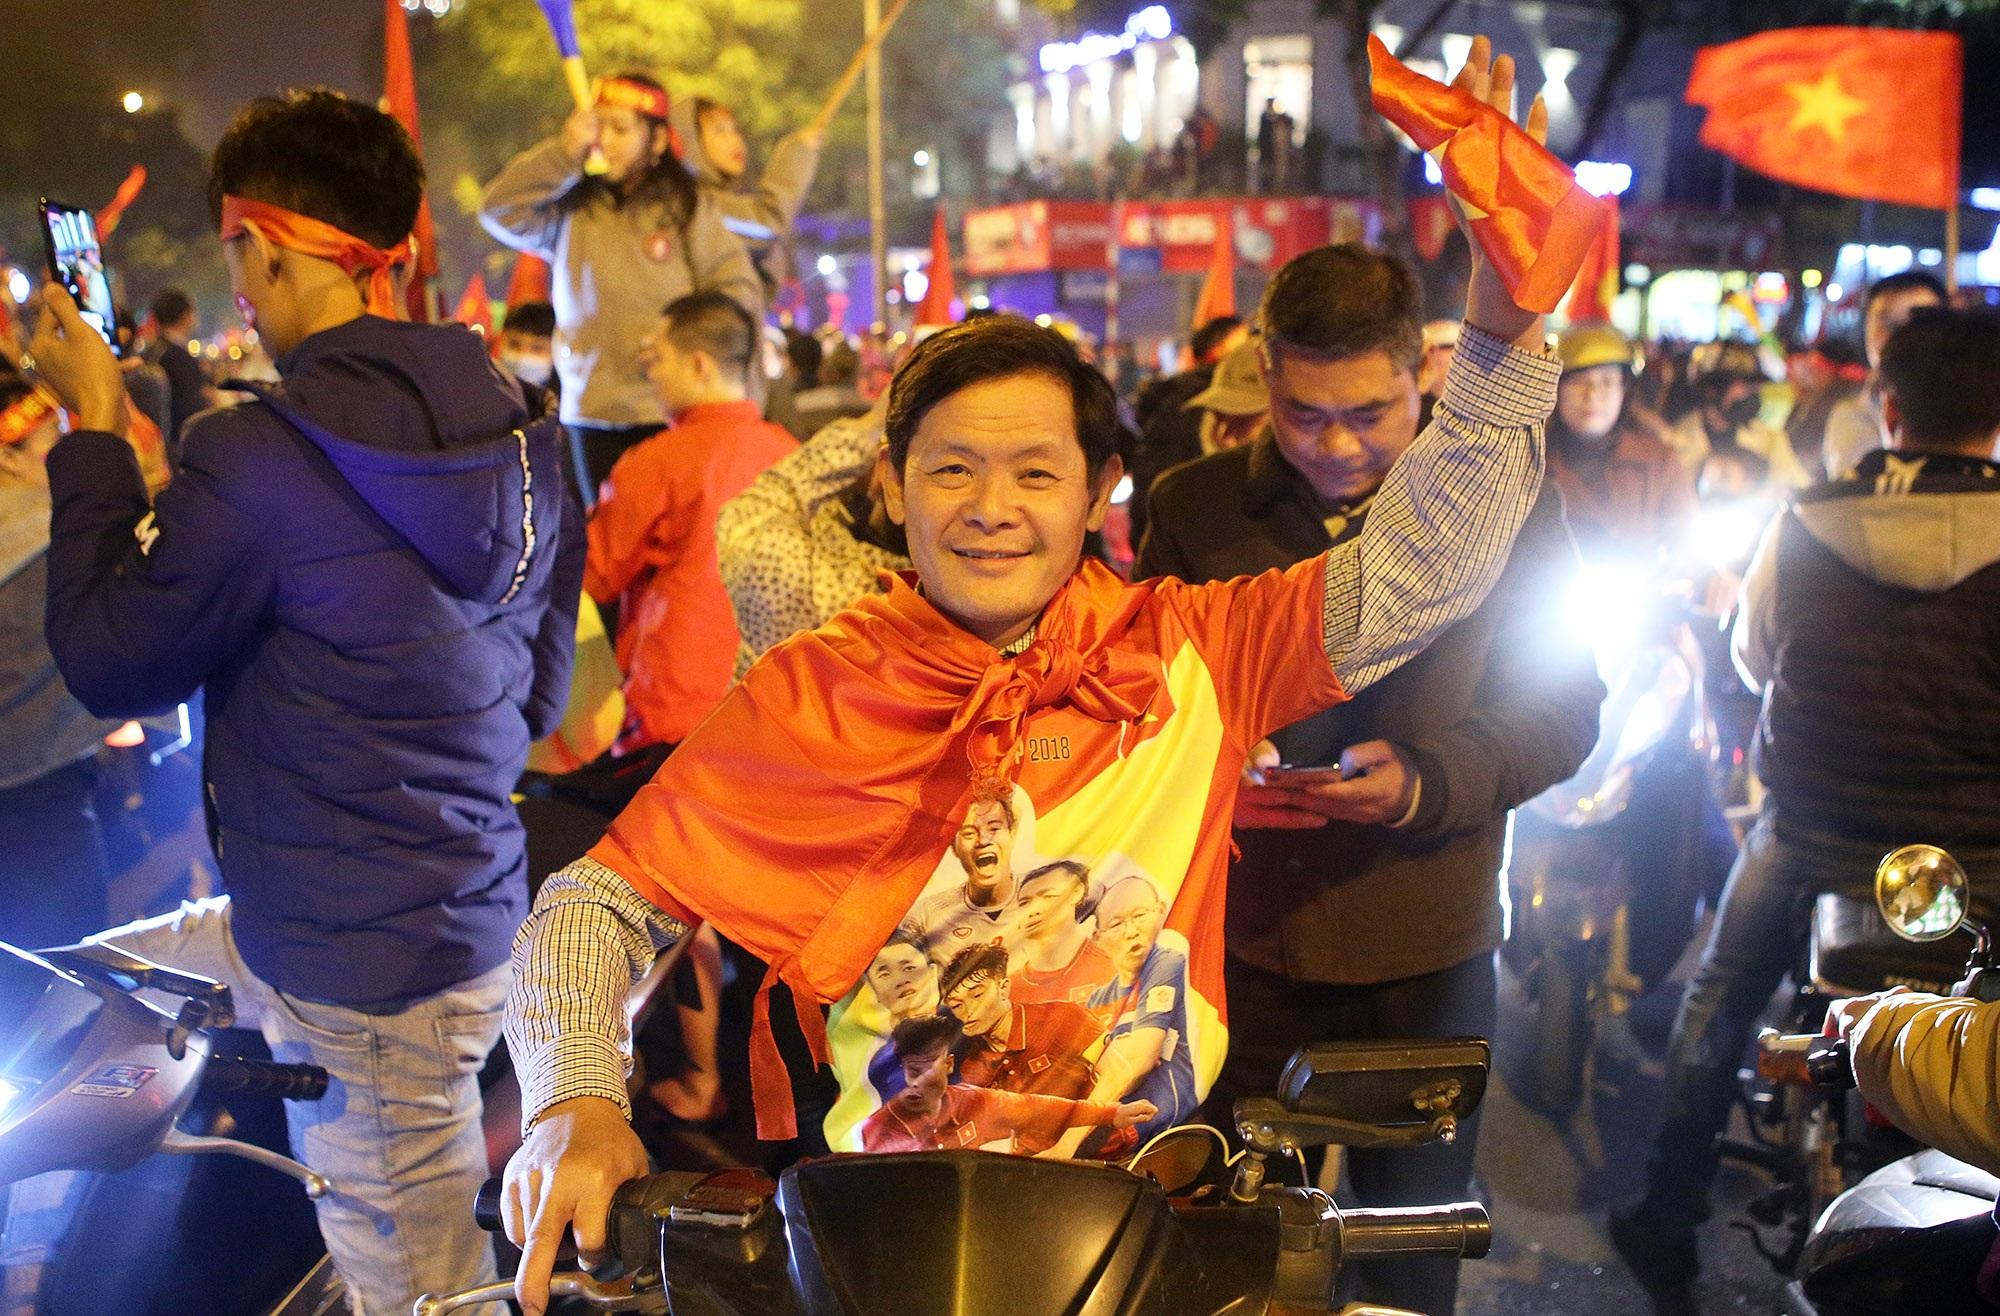 Hình ảnh ấn tượng biển người mừng chiến thắng giữa đêm khuya tại Hà Nội - 10